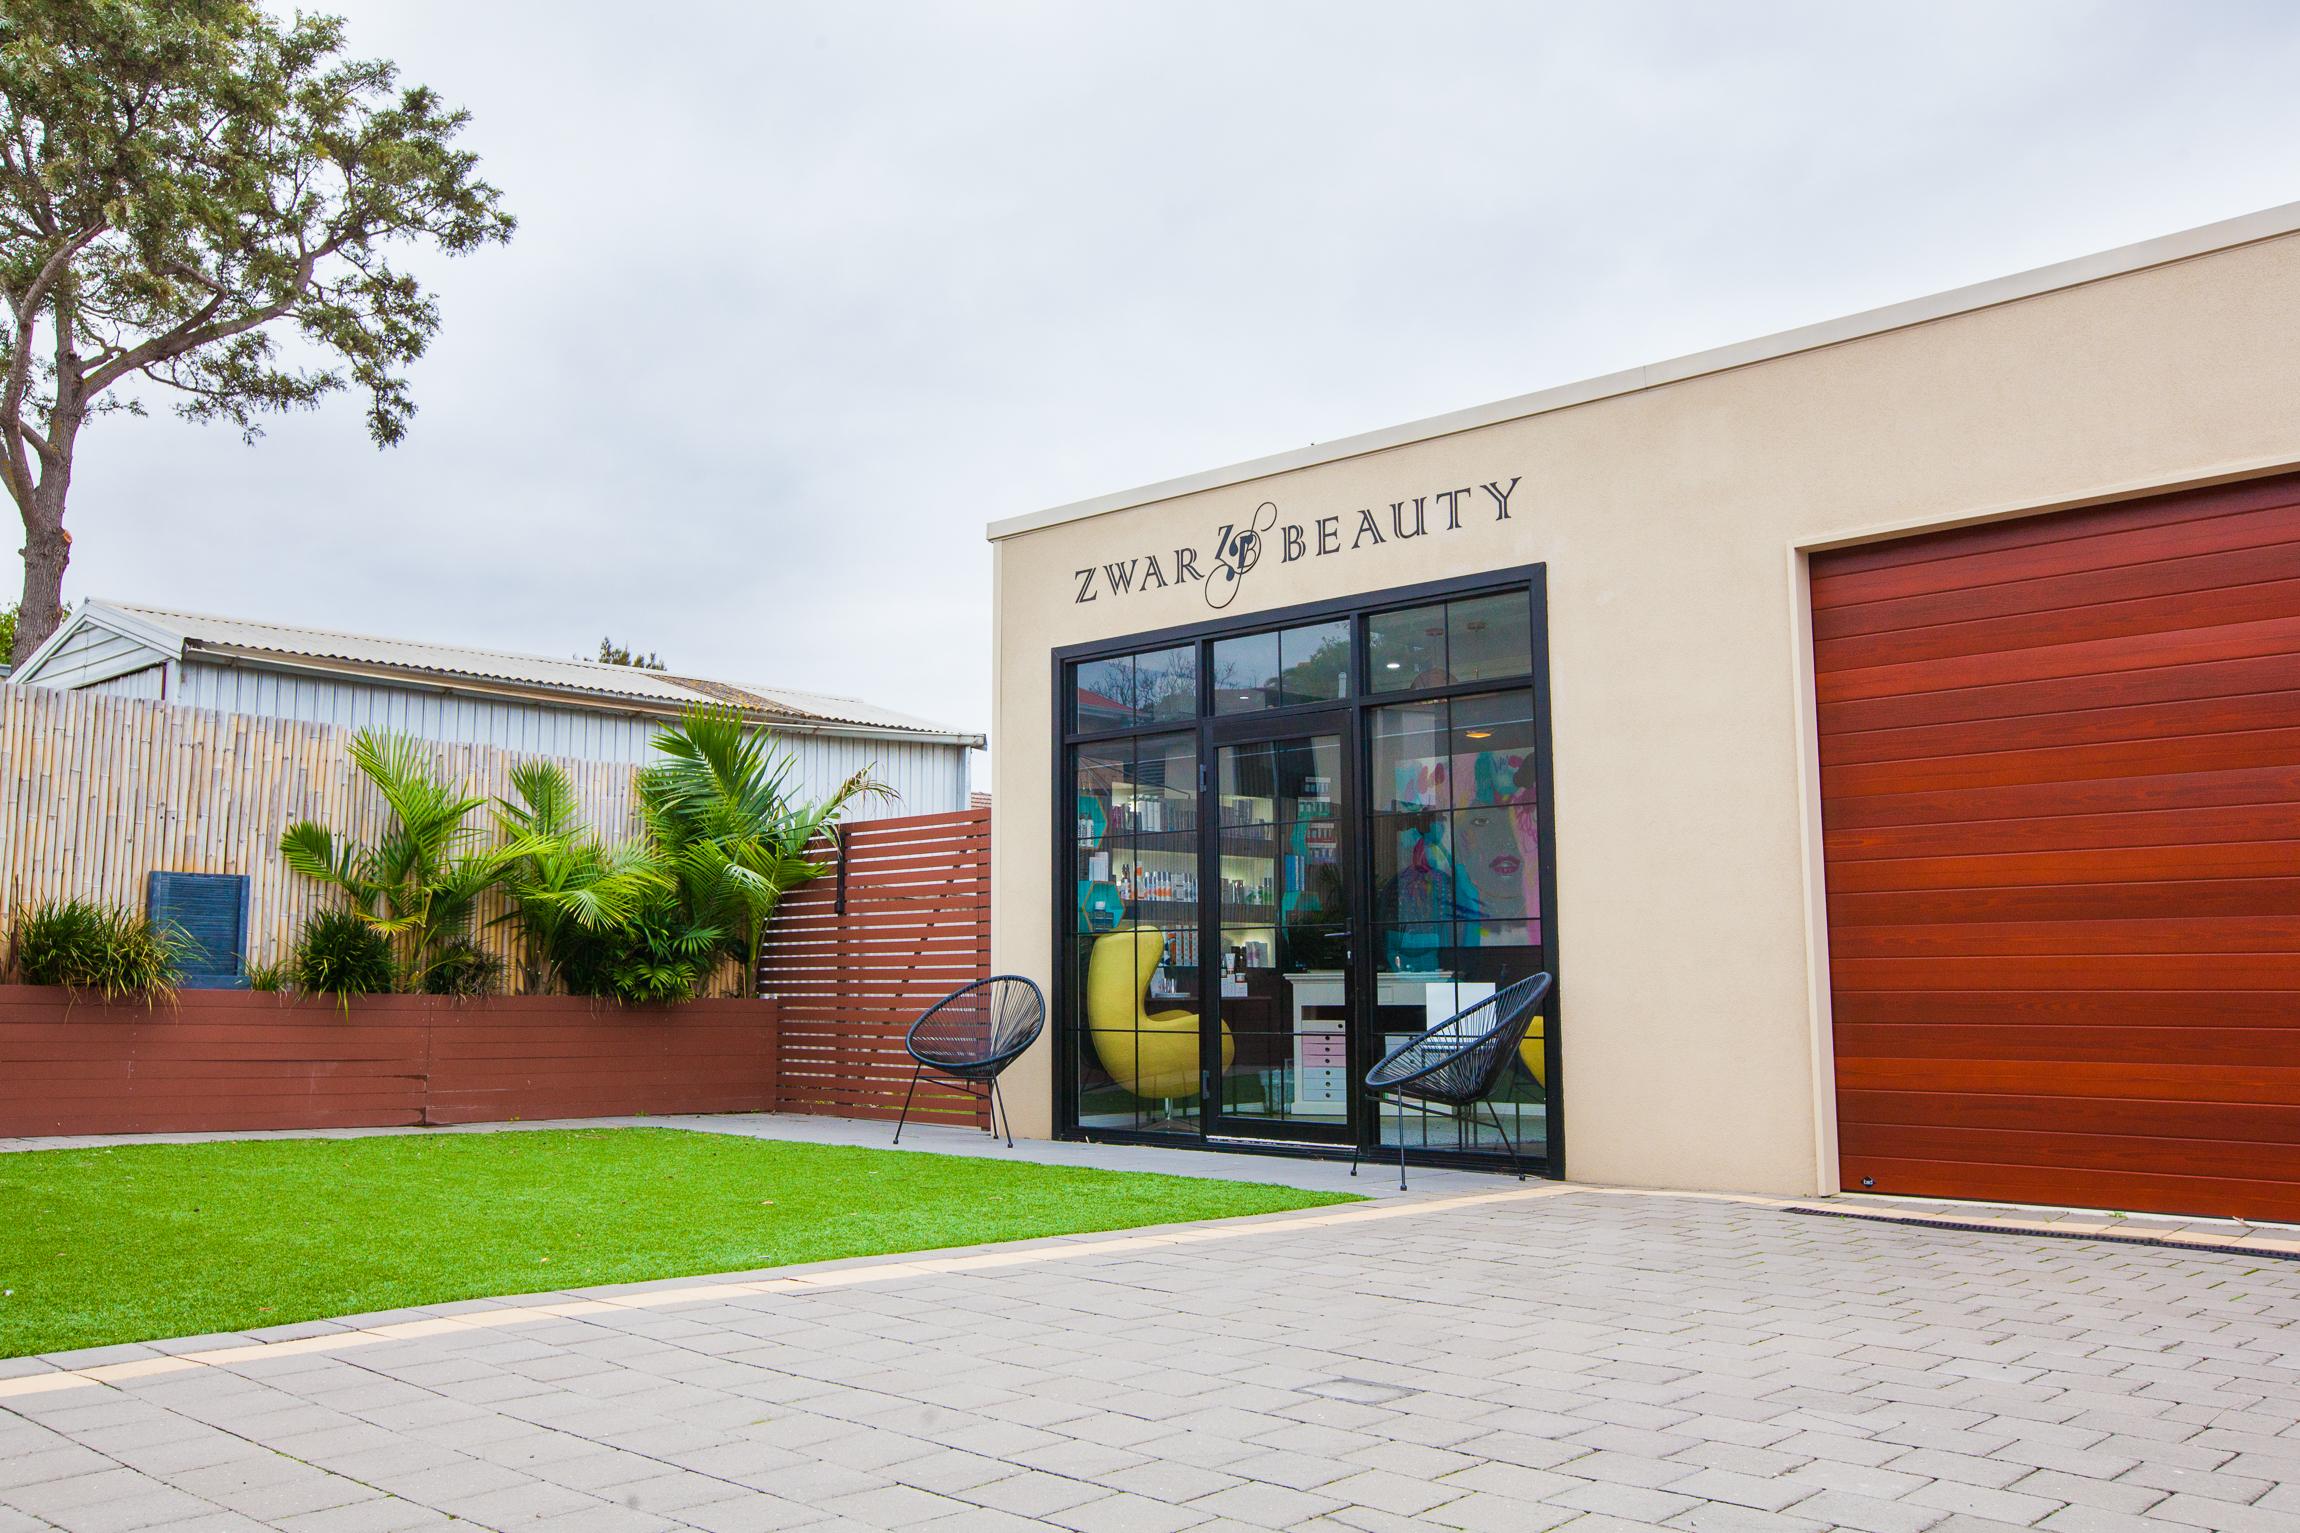 Zwar Beauty - salon of the month